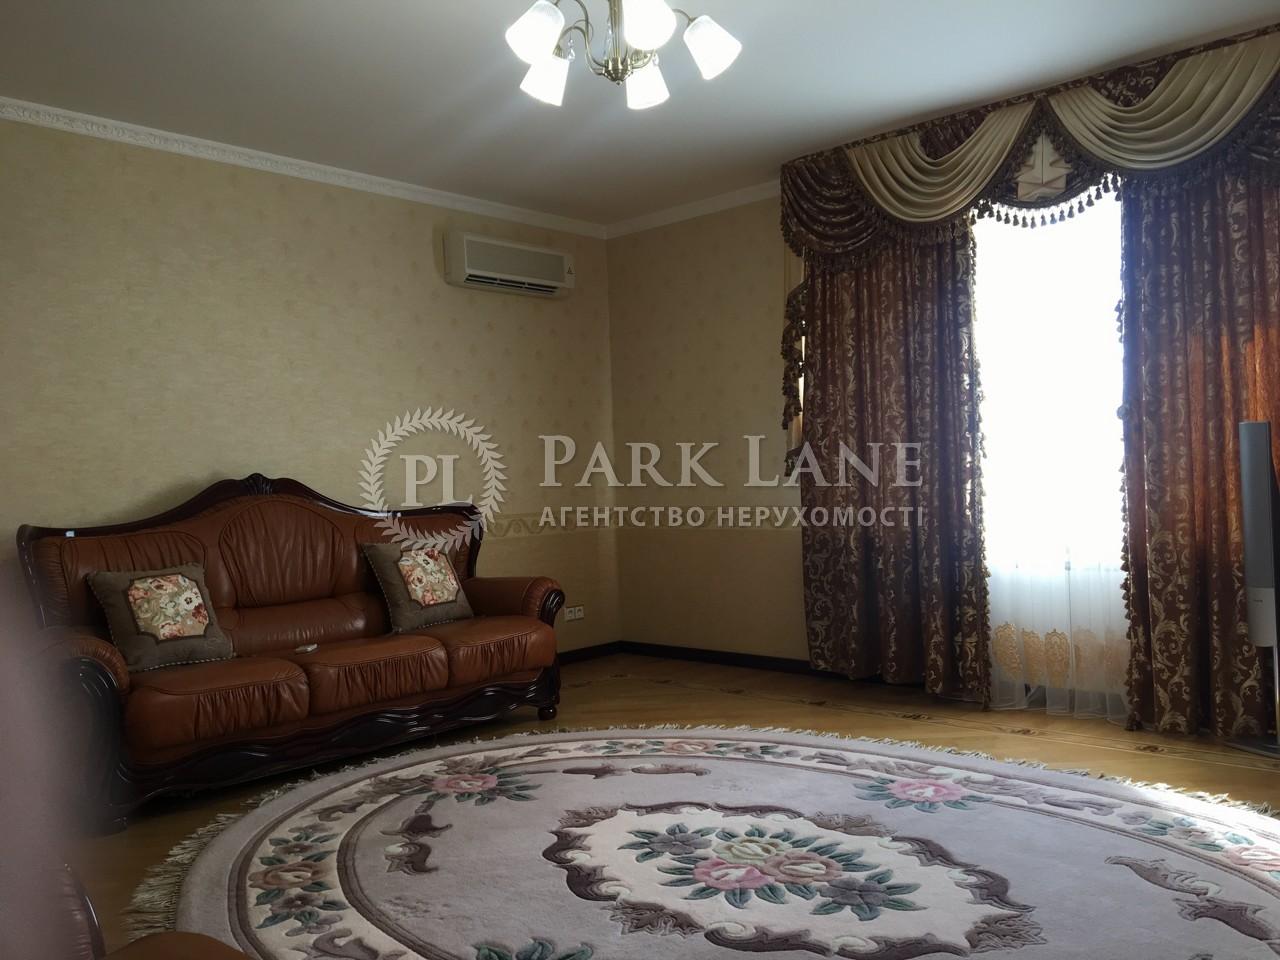 Квартира вул. Сєченова, 7а, Київ, J-27903 - Фото 3